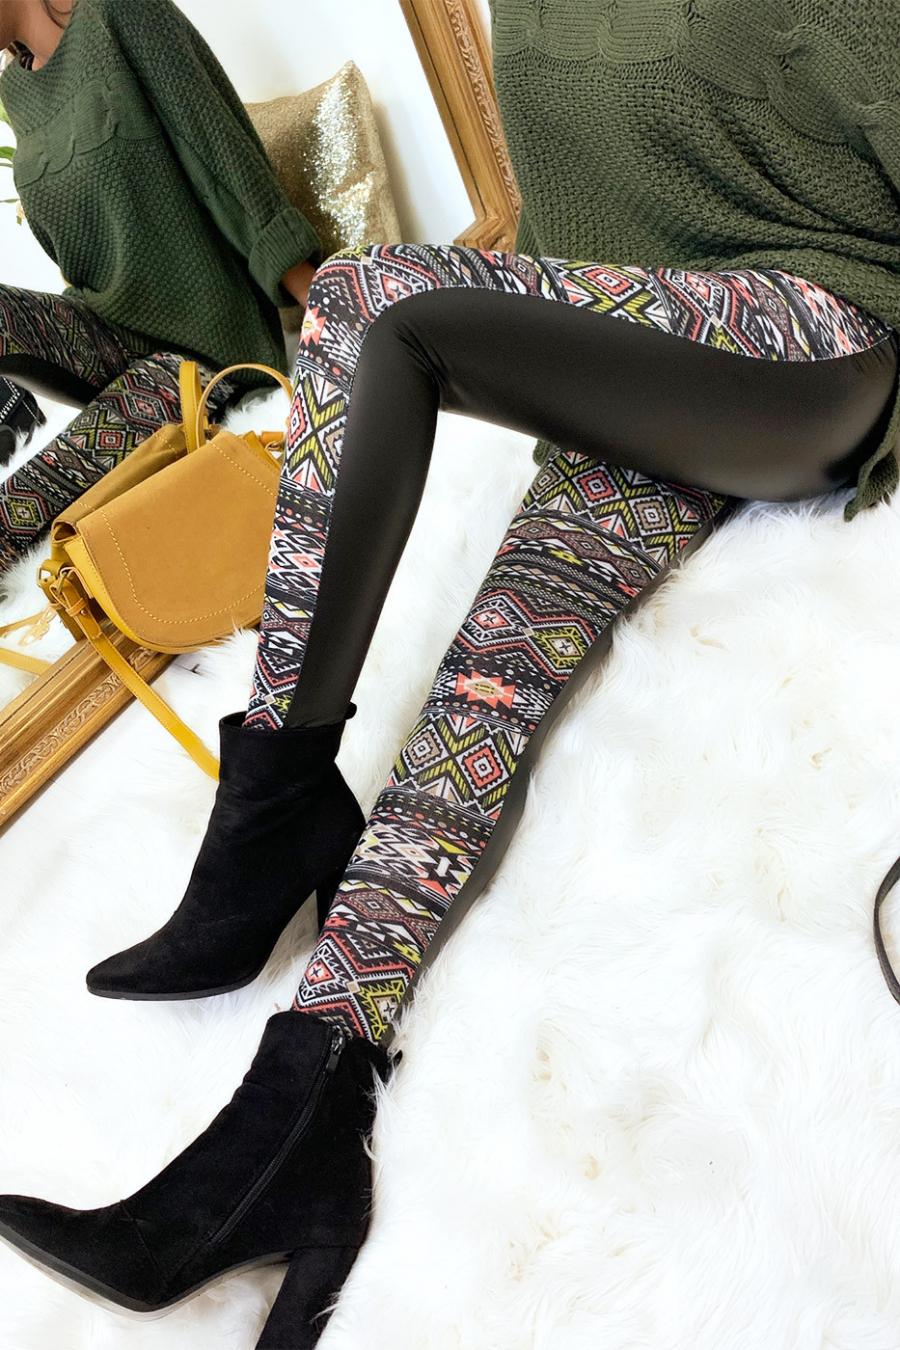 Winterlegging gekleurd in geel en zwart, mooie patronen en lucht achter. Mode stijl. 148-3